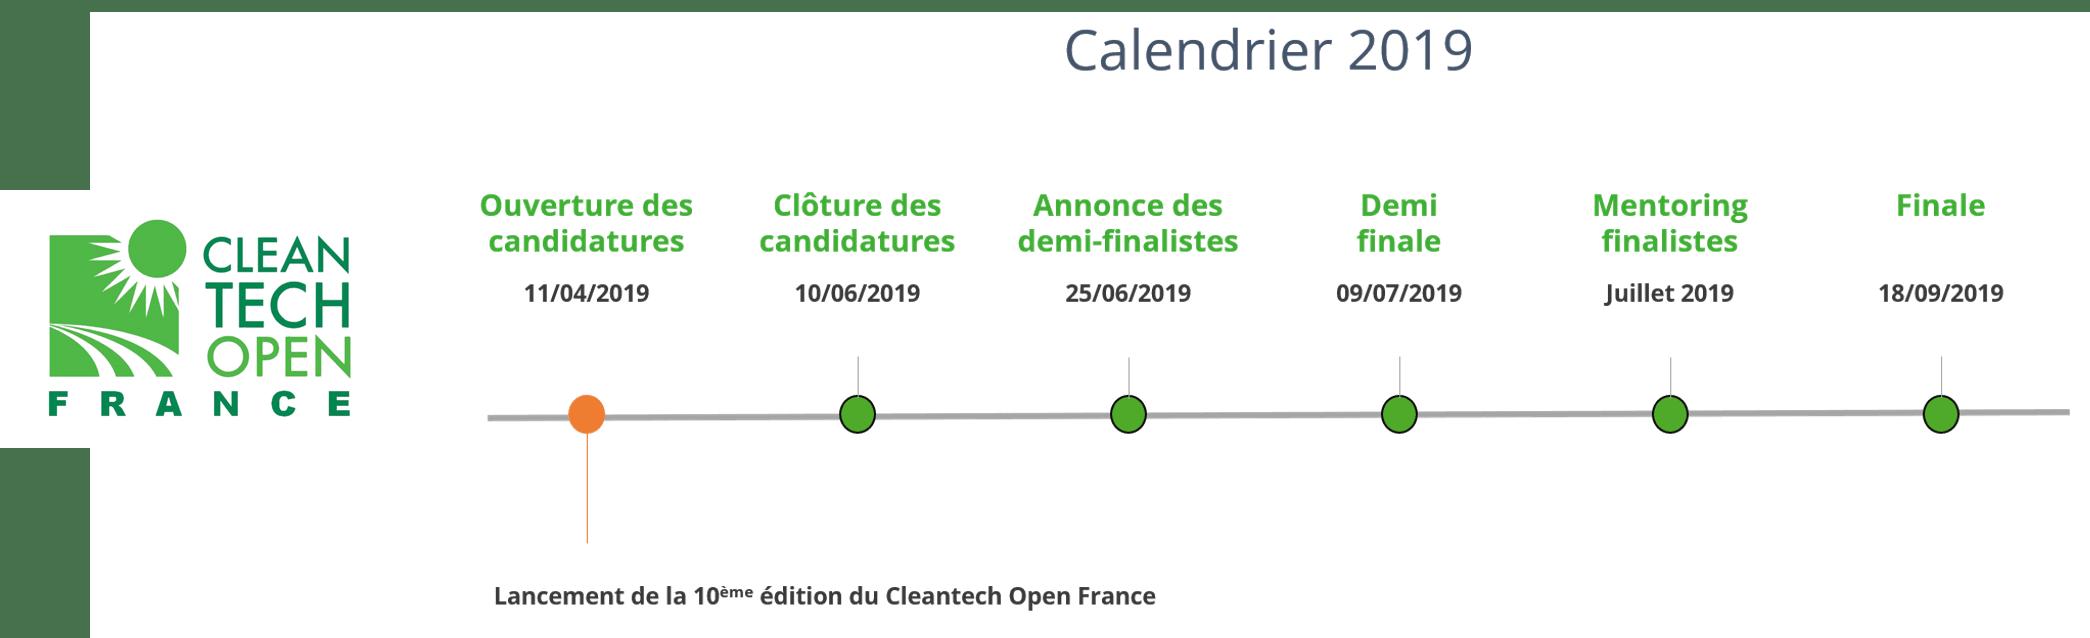 calandrier cleantech open france2